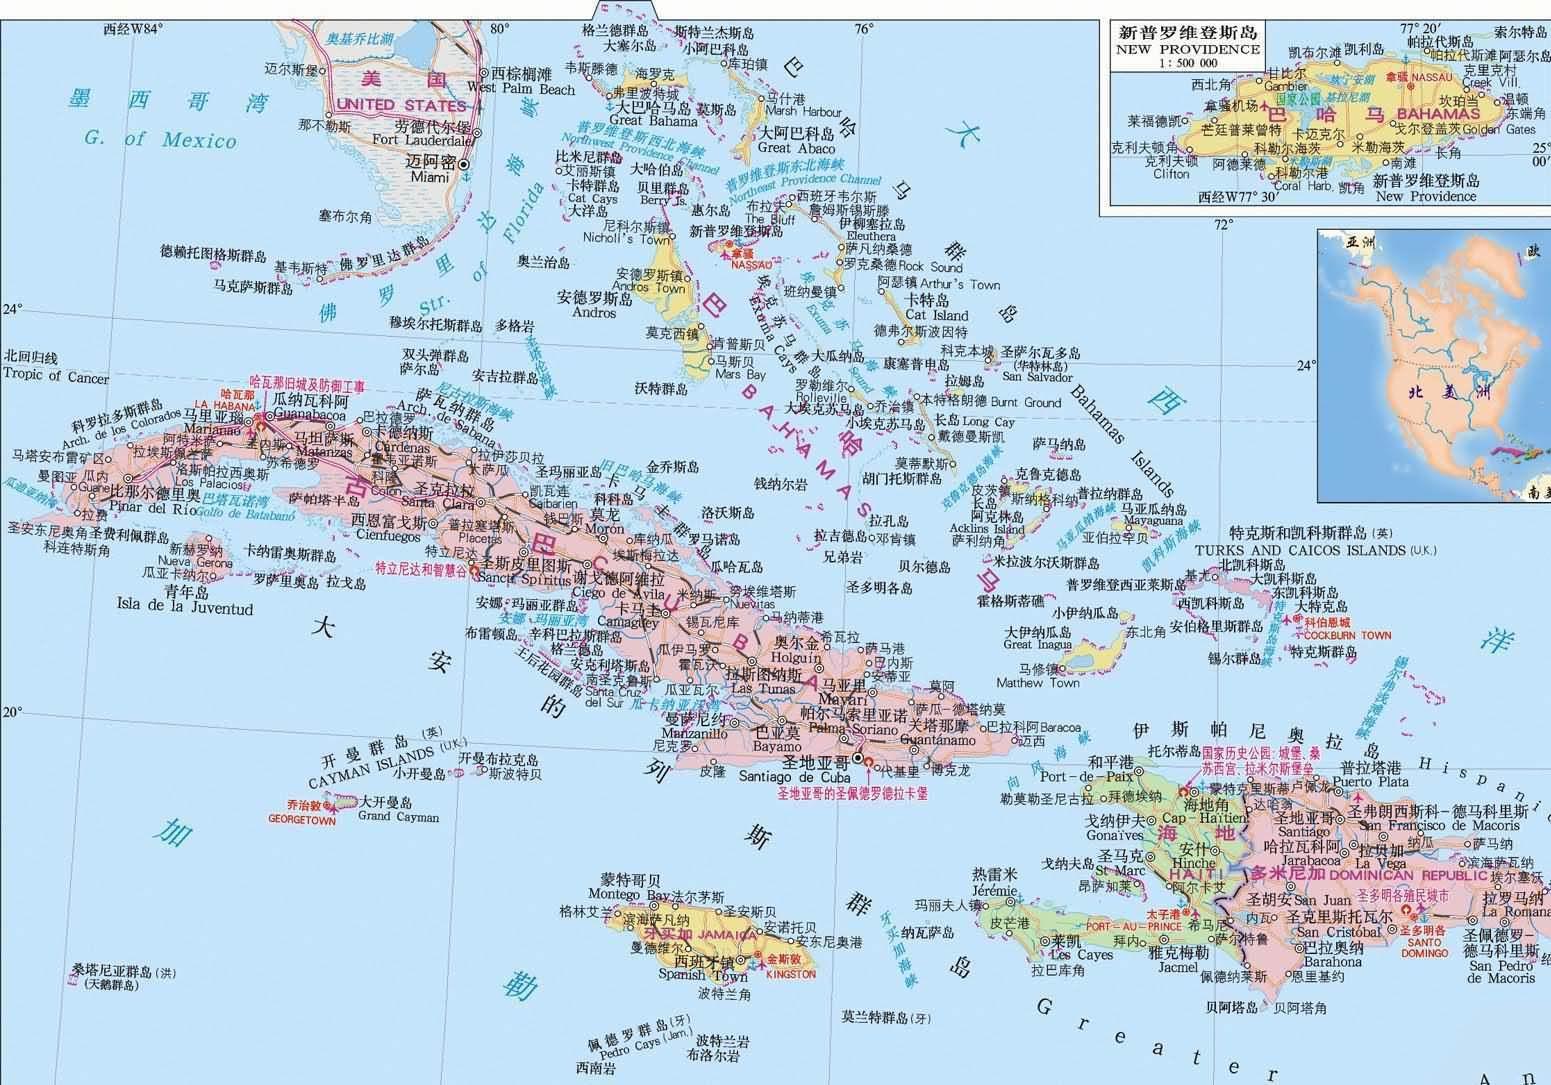 巴哈马高清中文全图